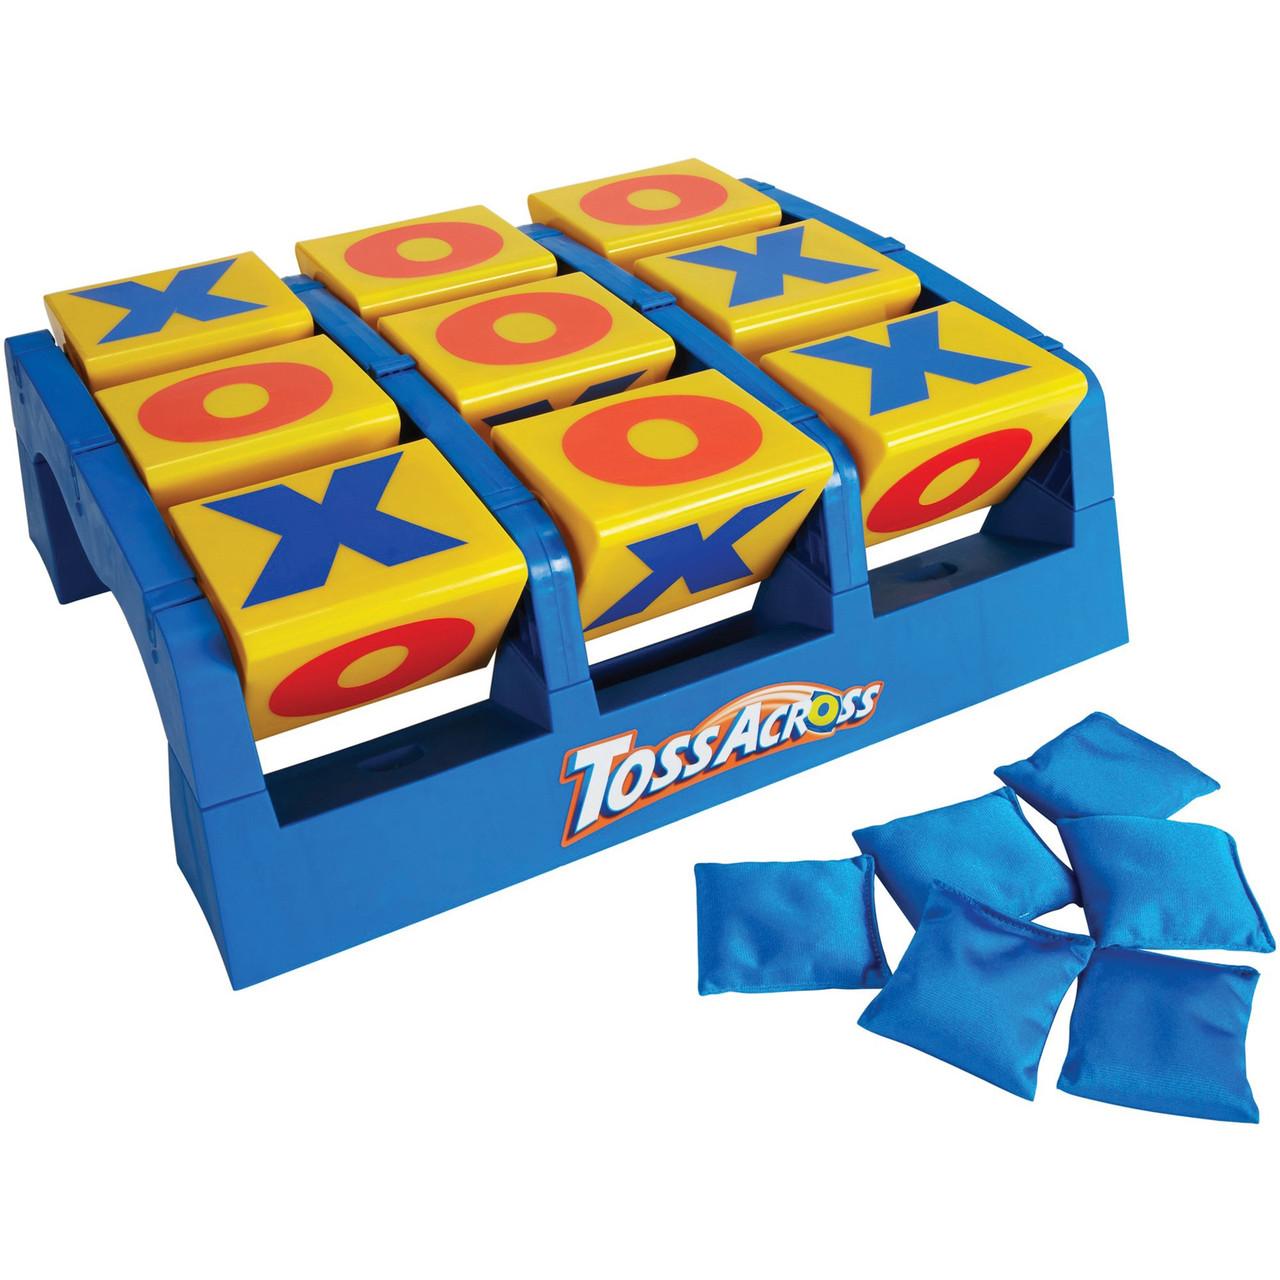 TOSS ACROSS GAMES